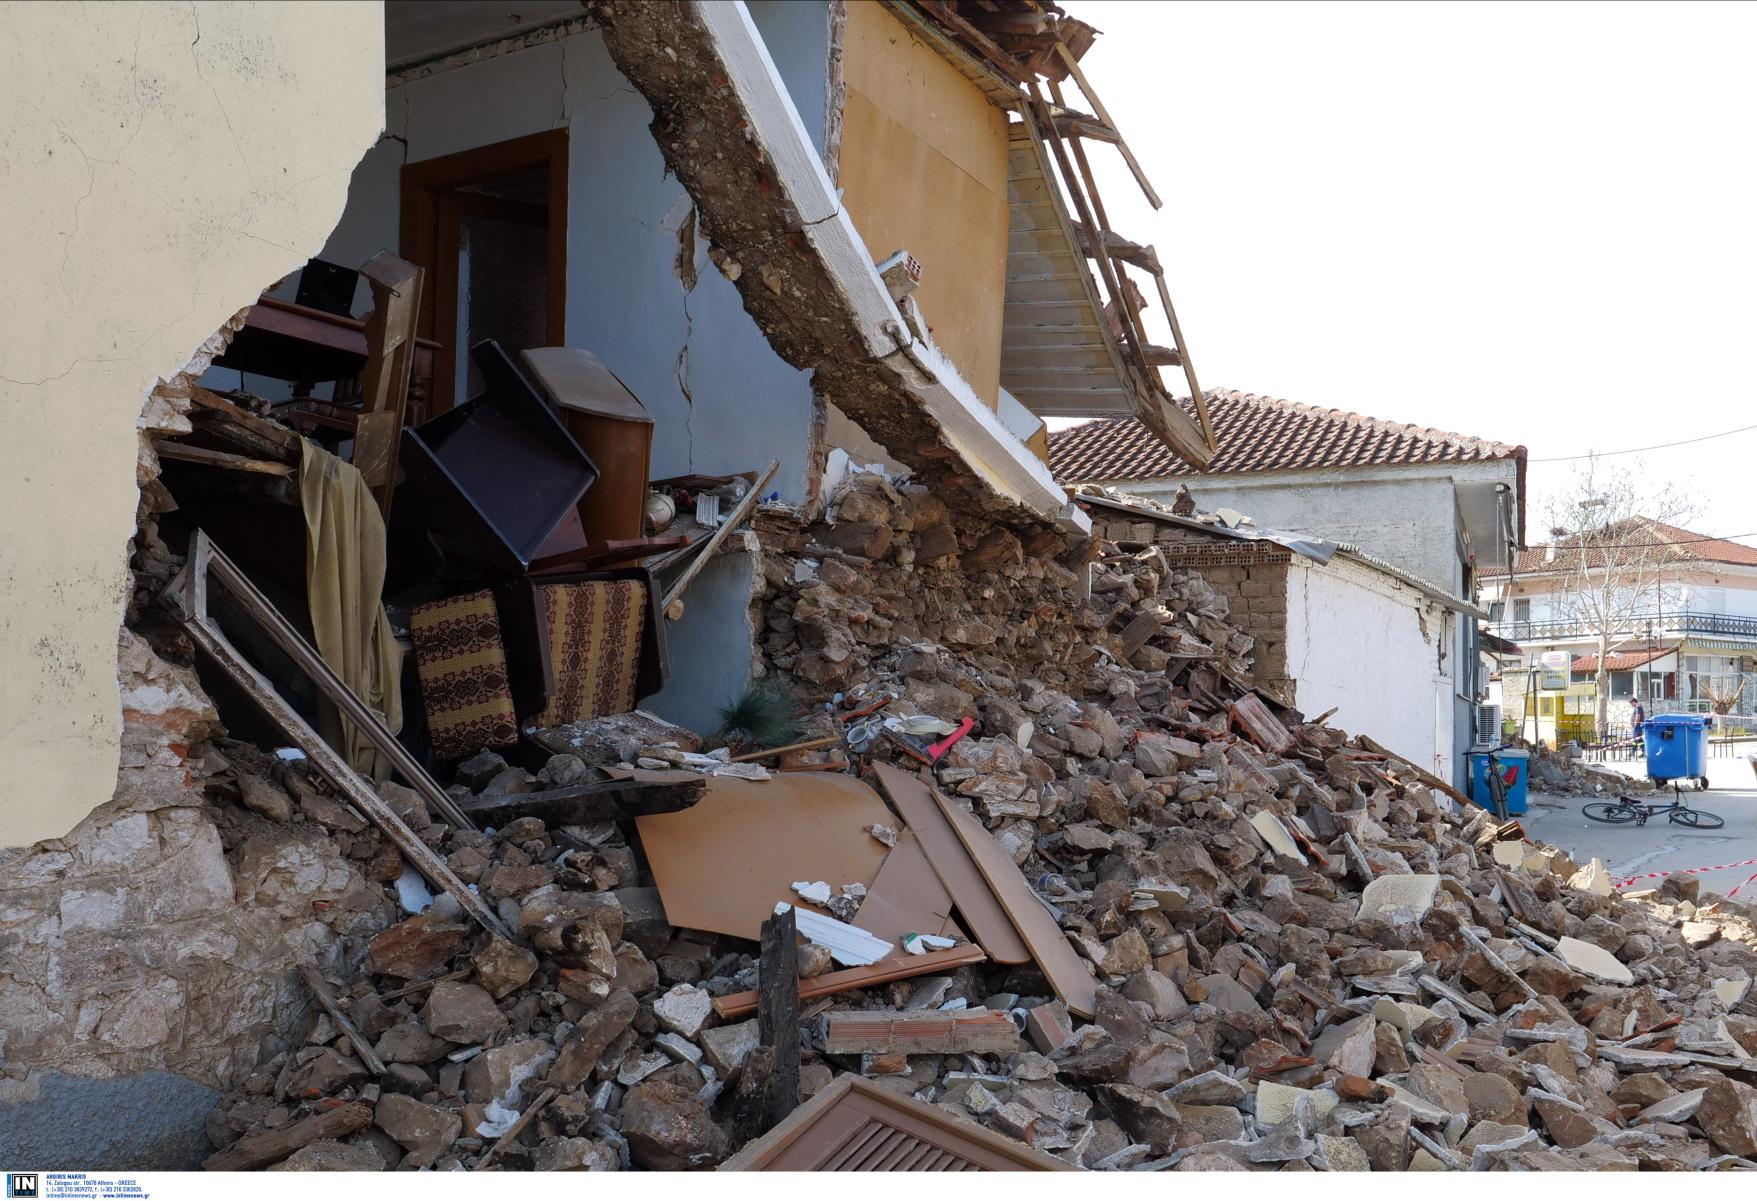 Σεισμός – Ελασσόνα: Βοήθεια με είδη πρώτης ανάγκης από την Κρήτη – Δύσκολες ώρες στα χαλάσματα